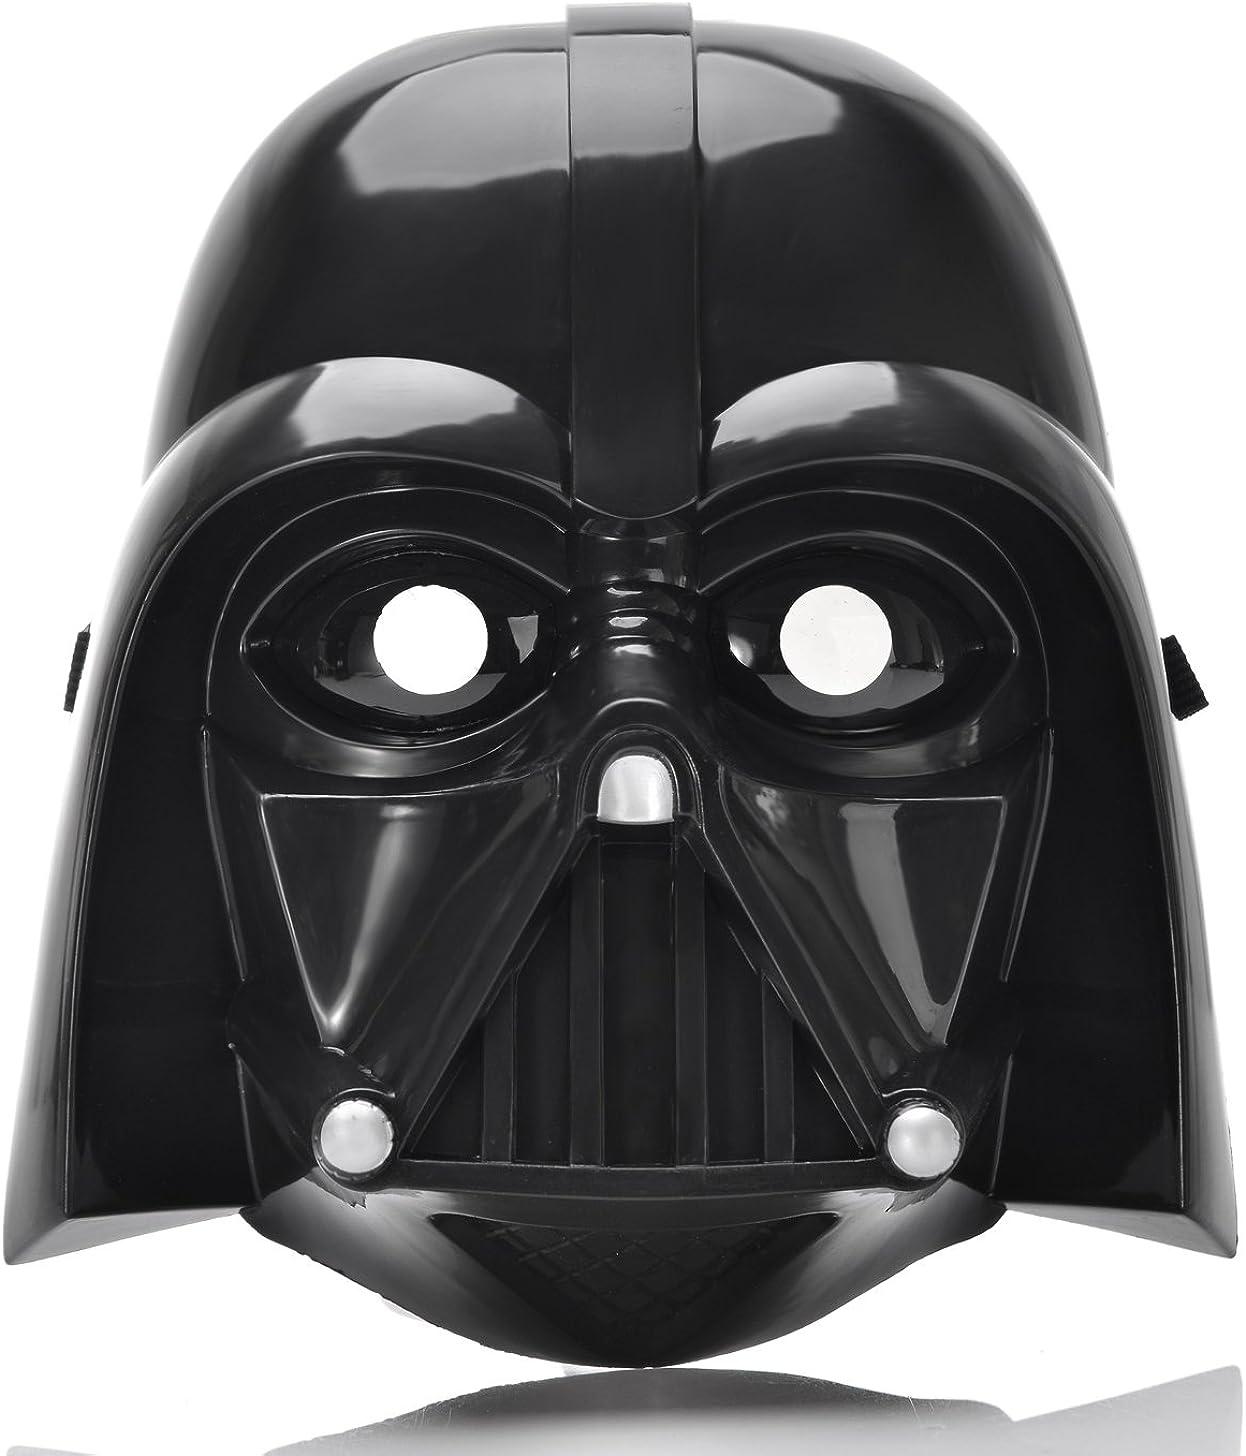 REINDEAR Costume Star Wars LED Light up Eye Mask